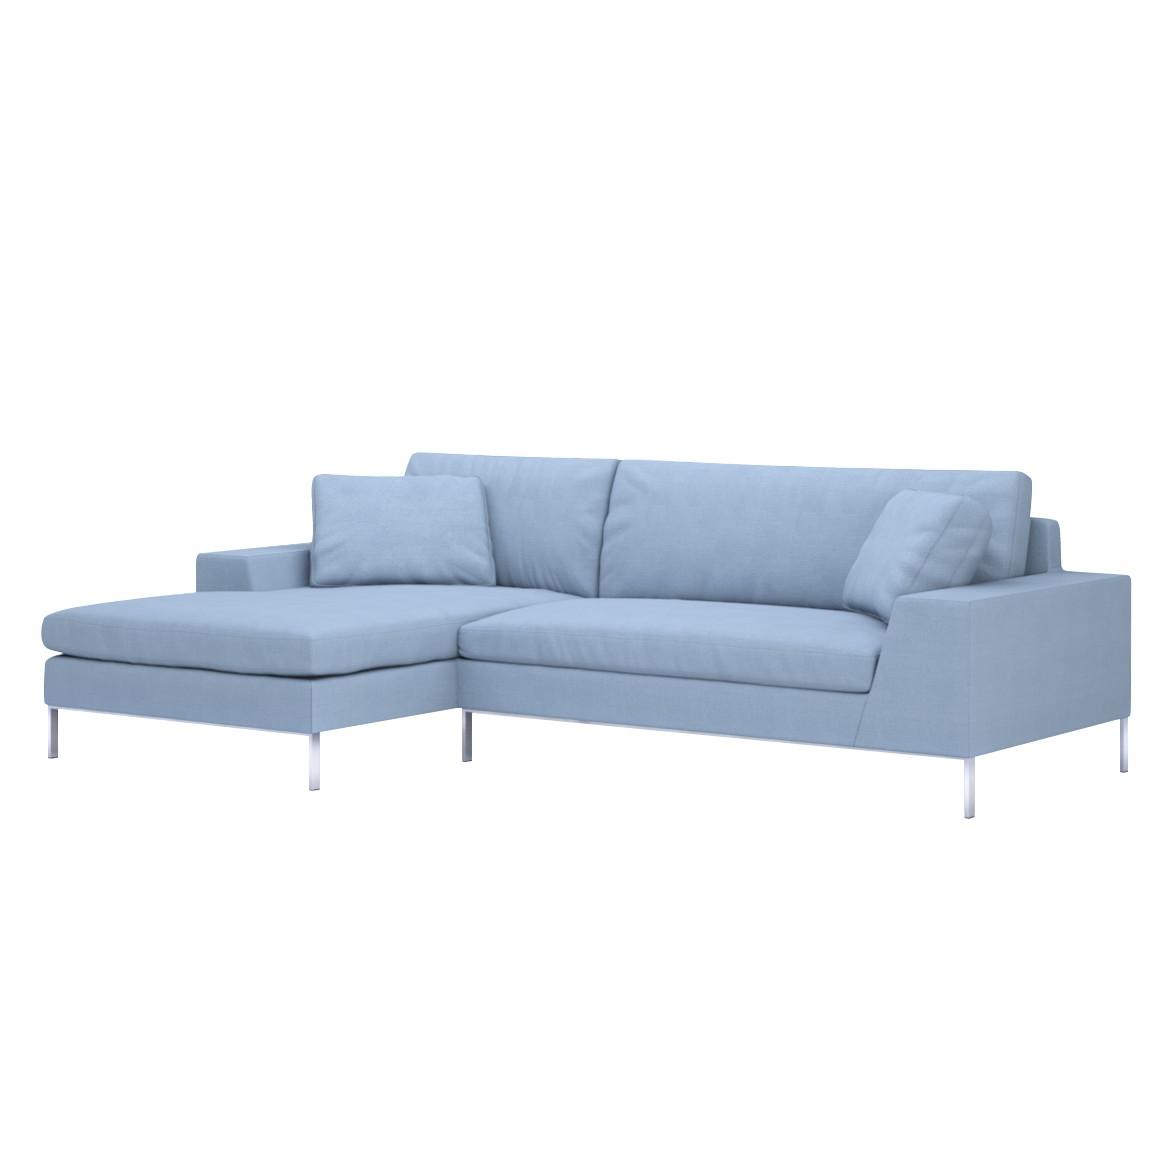 Sofa Helgesen (2-Sitzer) mit Recamière – Longchair/Ottomane davorstehend links – Livø III Storm Blue (Sturmblau), Von Wilmowsky jetzt bestellen